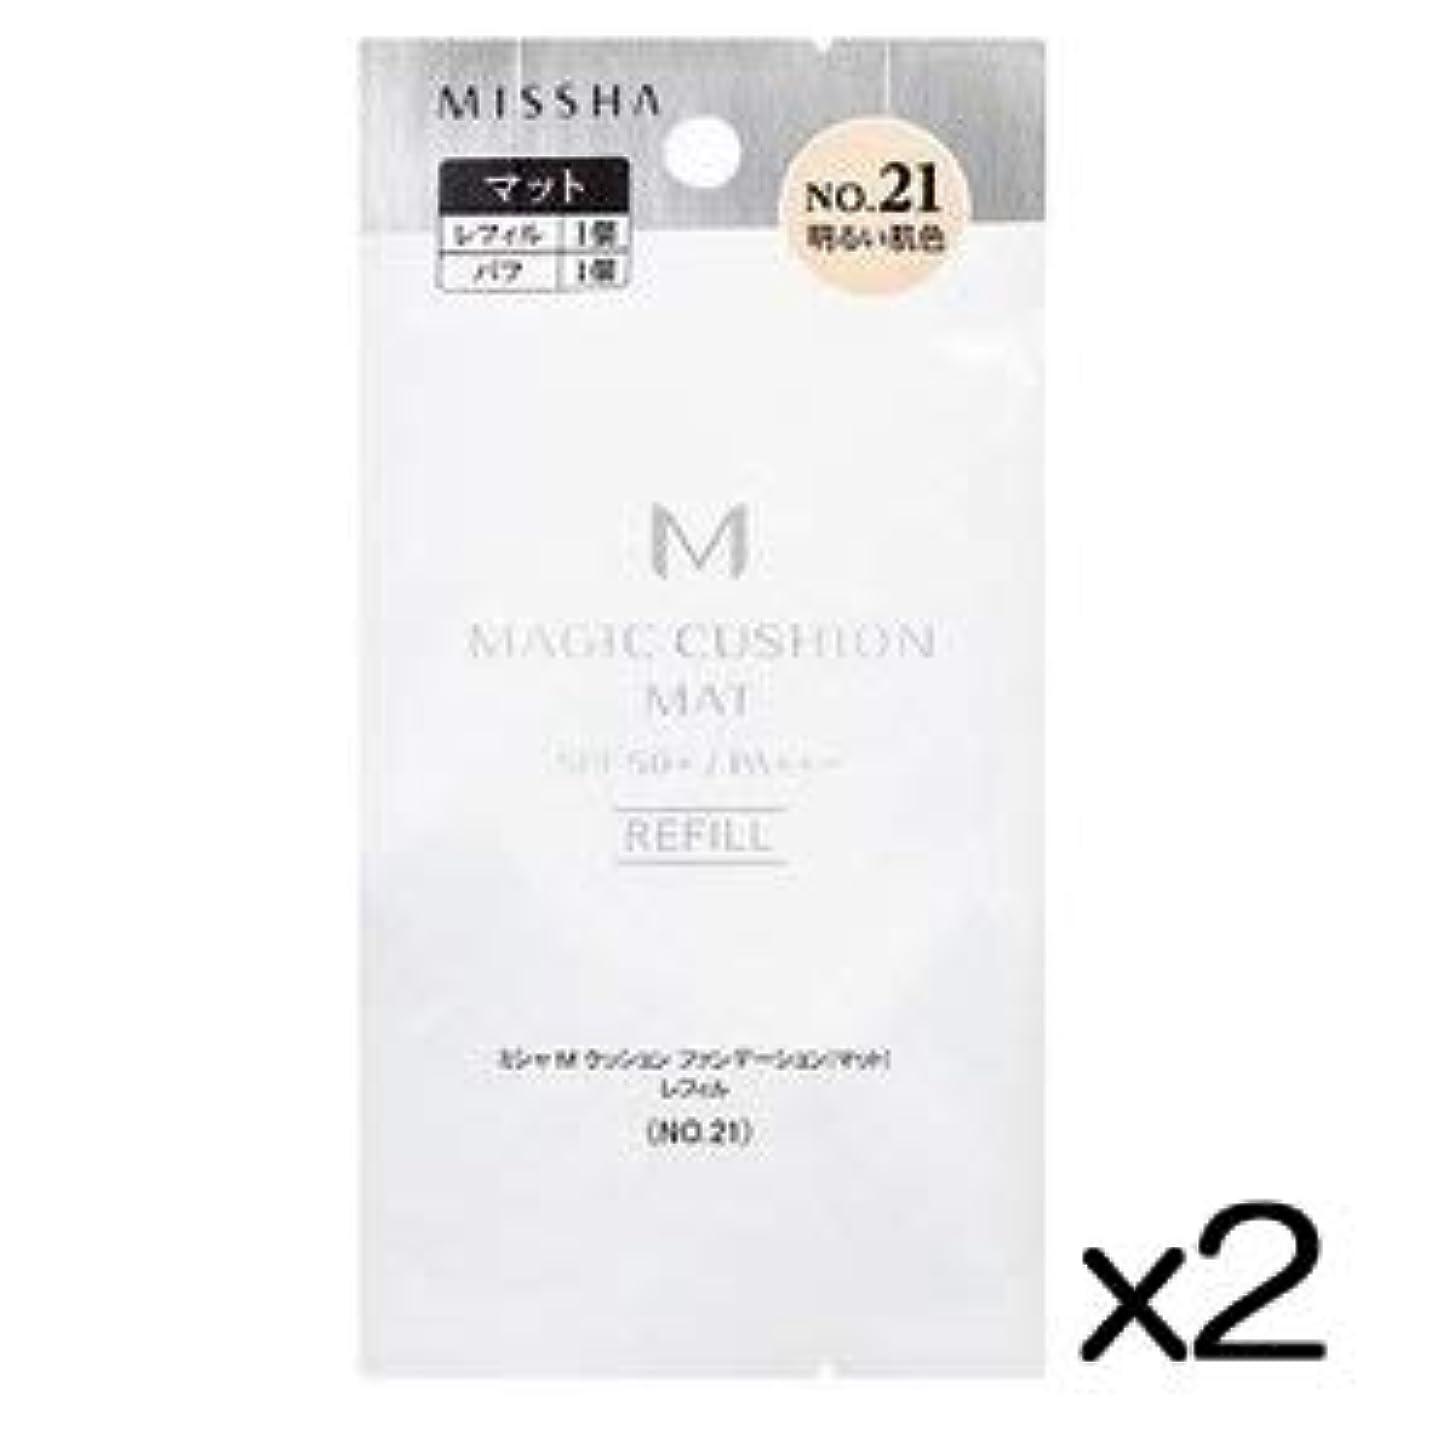 和らげる染色レンジミシャ M クッション ファンデーション (マット) No.21 明るい肌色 レフィル 15g×2個セット